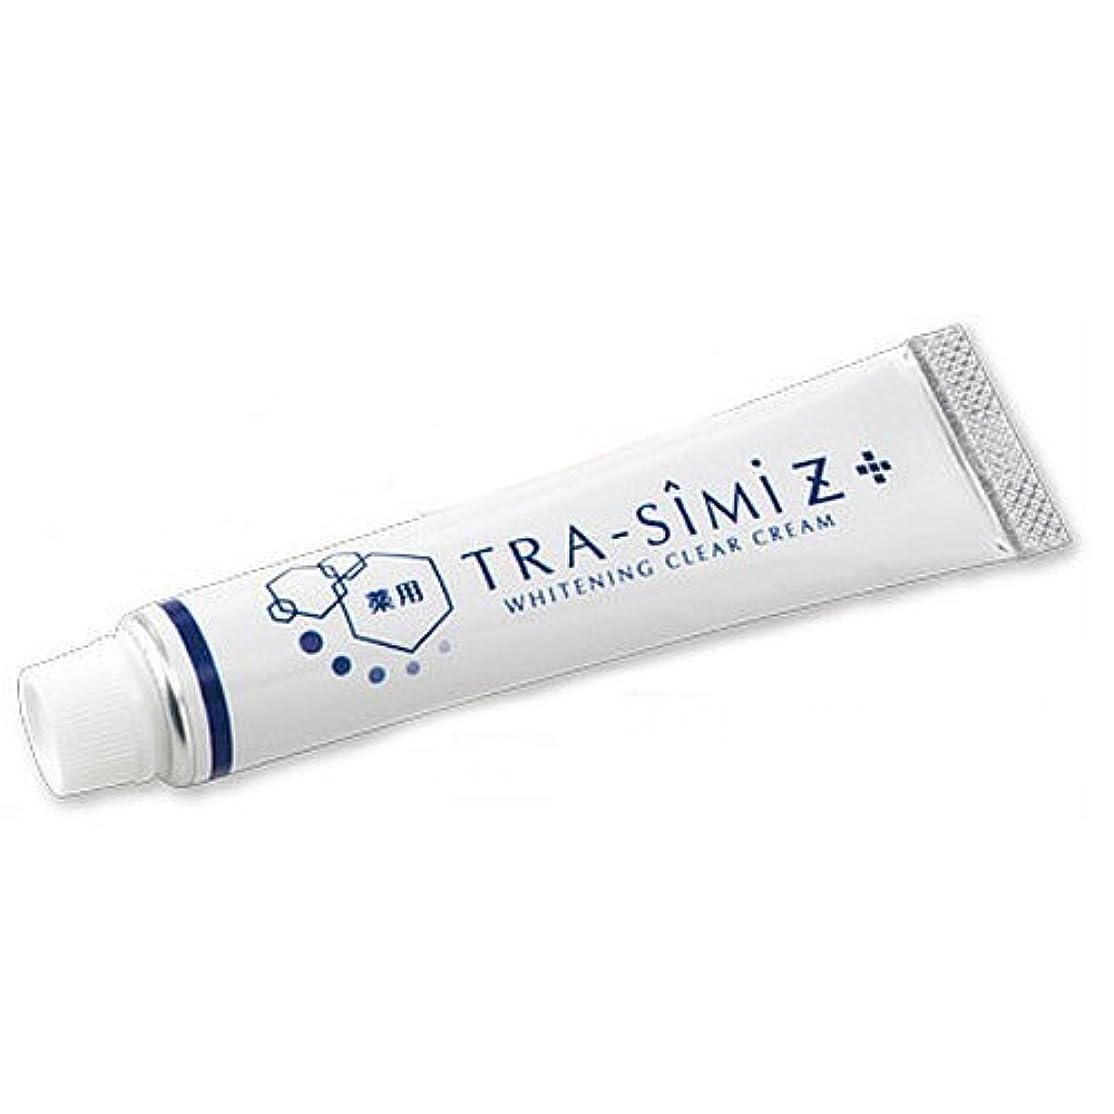 血まみれのステージコメンテーター薬用トラシーミZ 医薬部外品20g20個セット